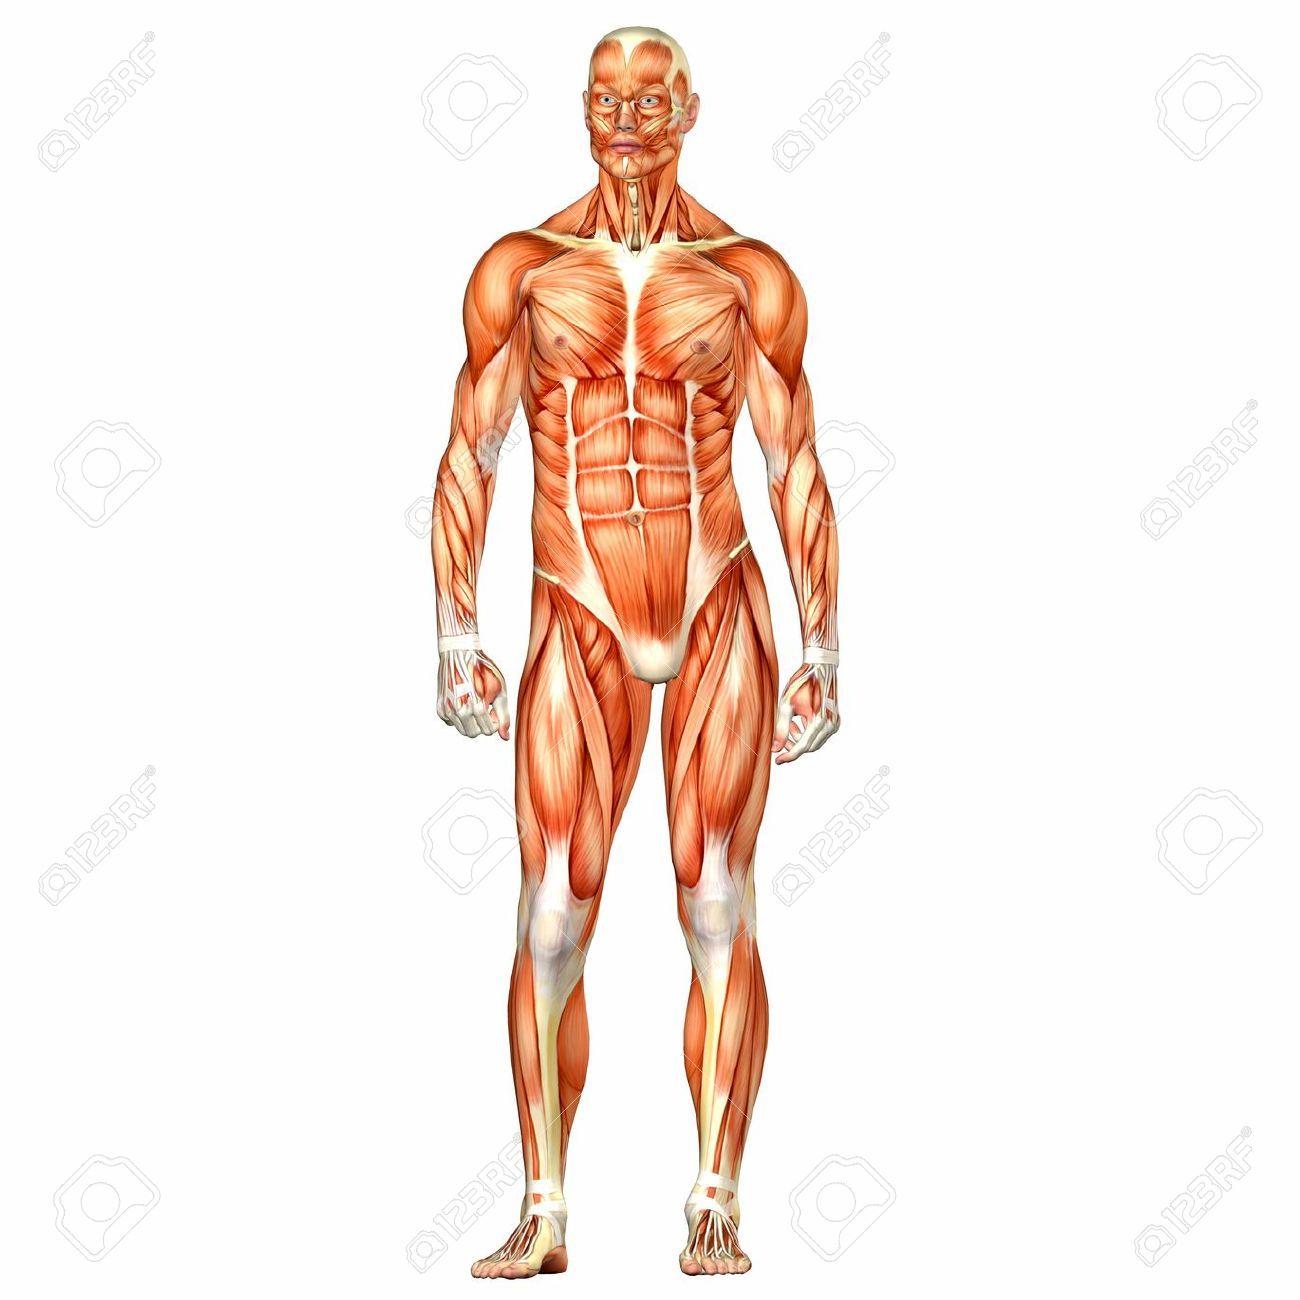 Ilustración de la anatomía del cuerpo humano masculino. Fondo blanco ...